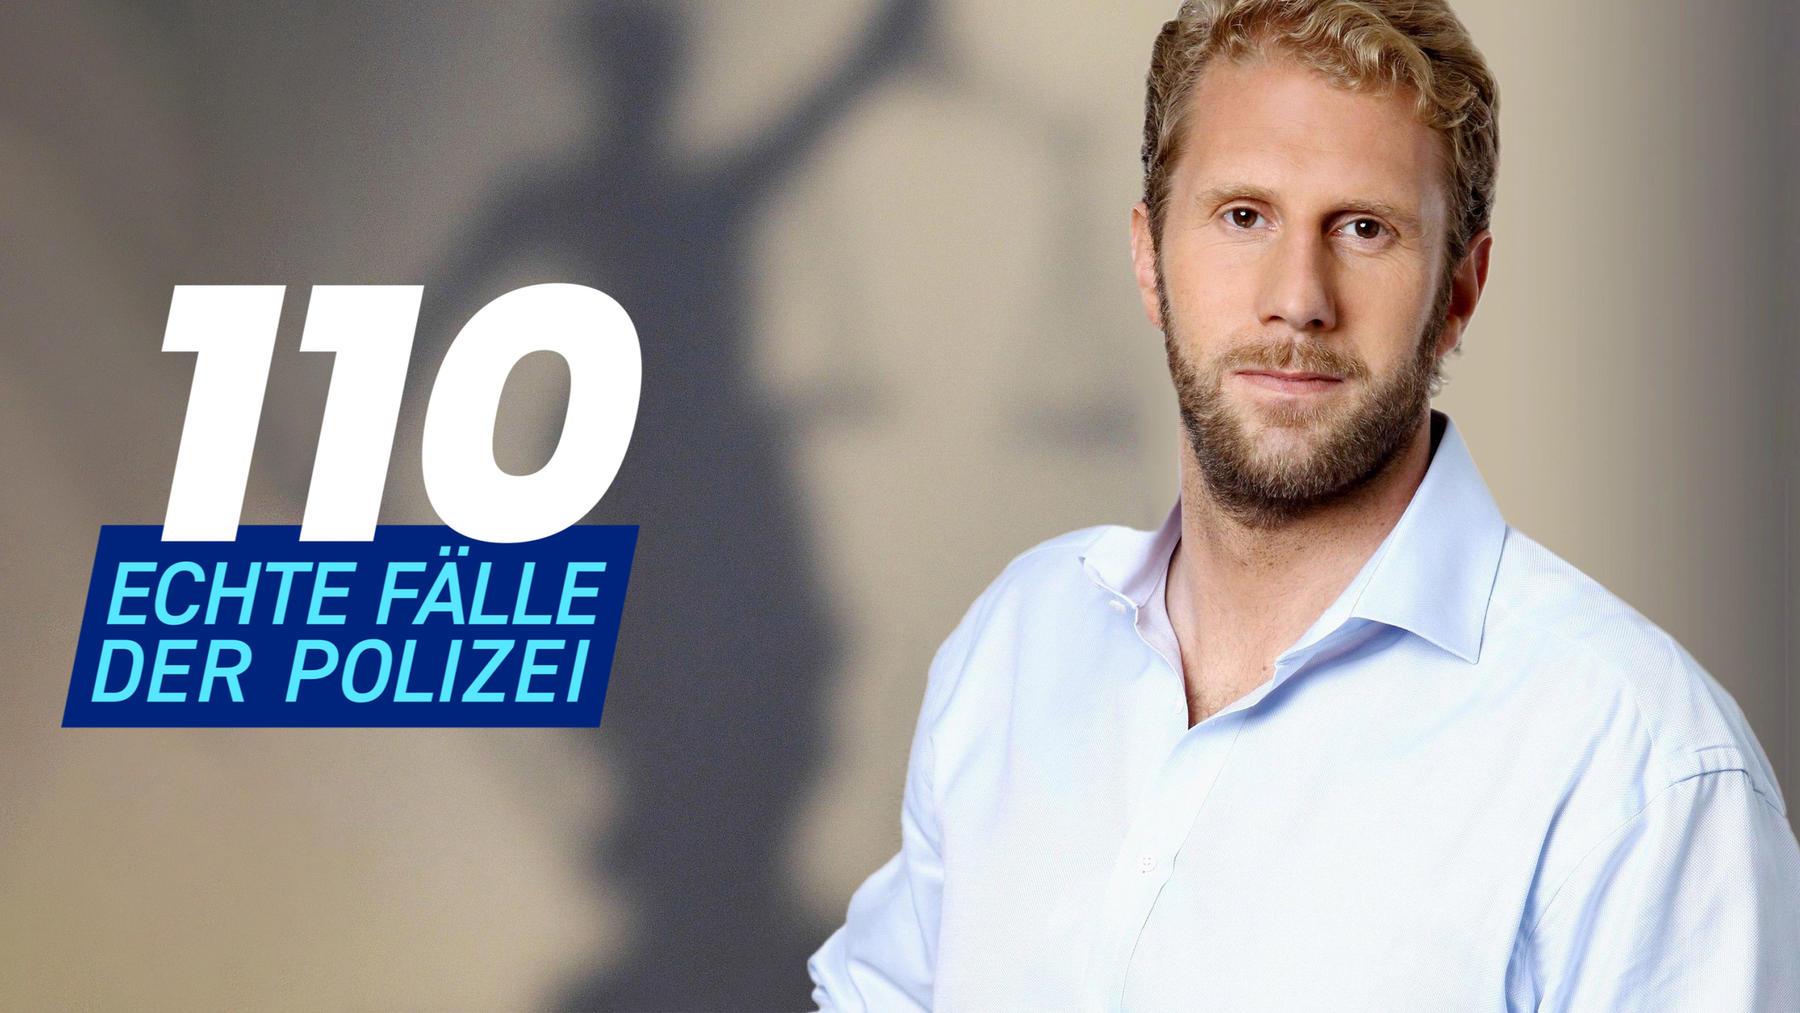 110 - Echte Fälle der Polizei